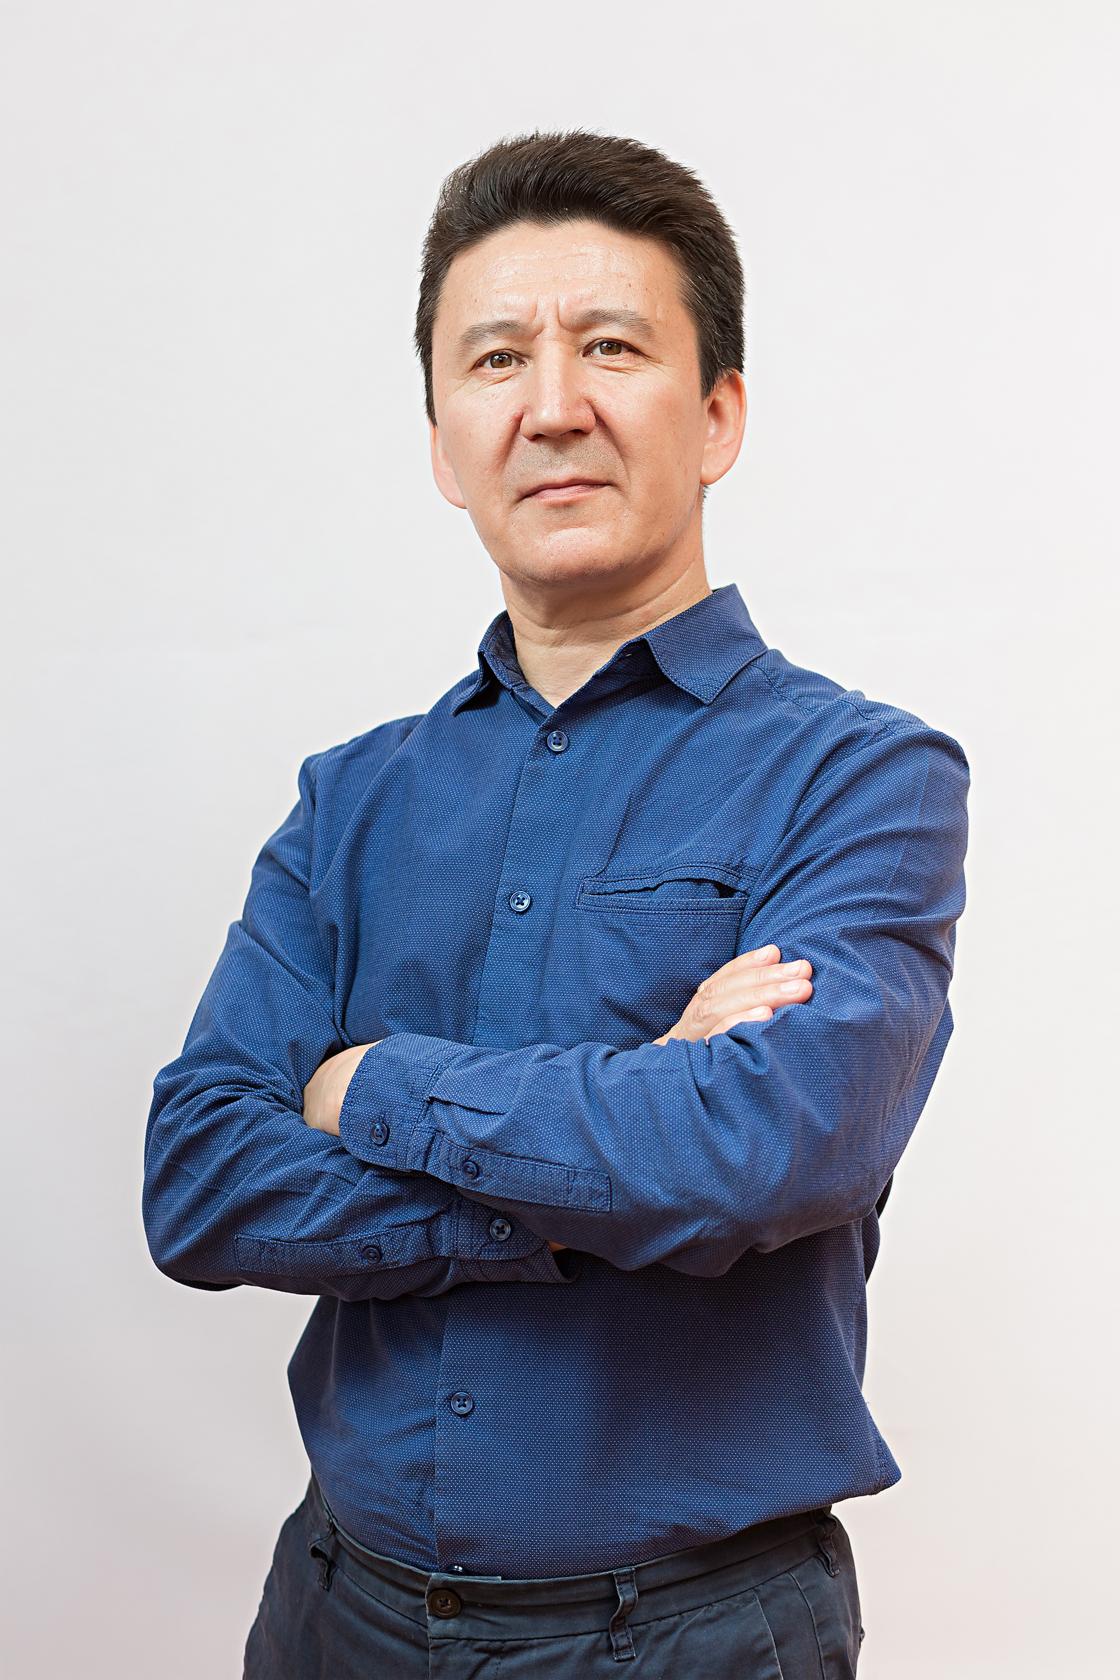 Баймухаметов Мурат Минниярович